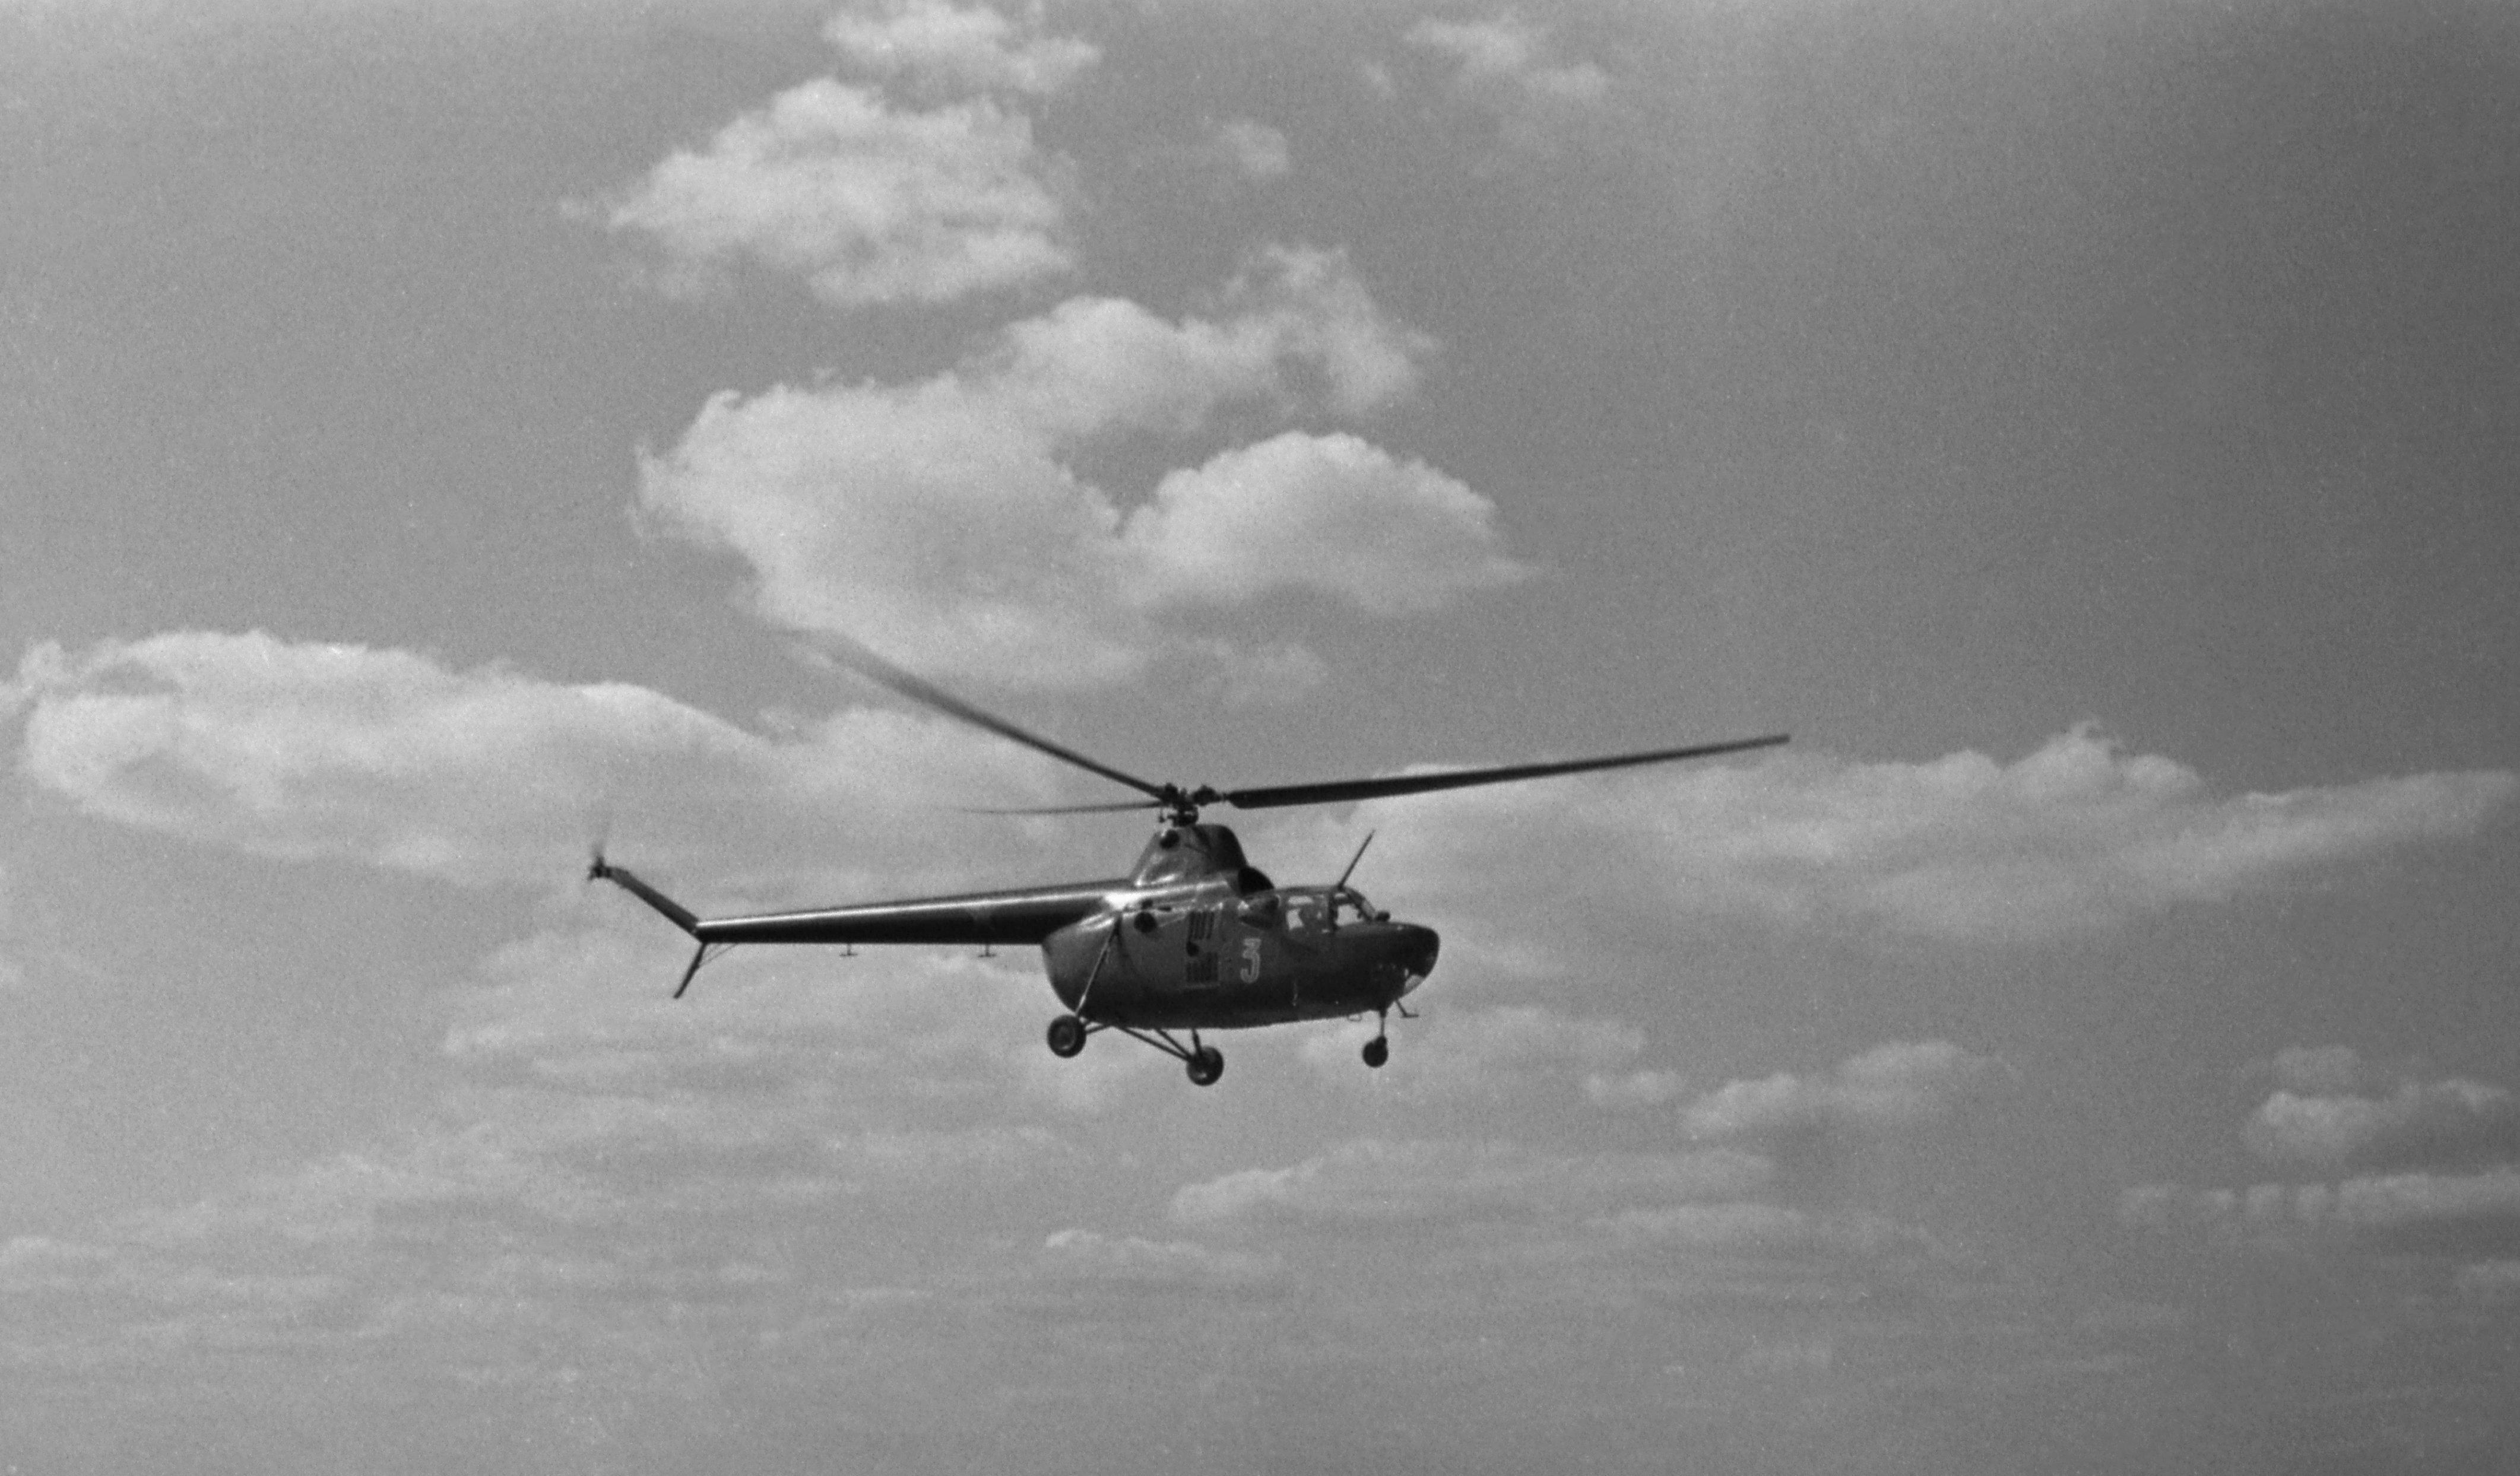 Многоцелевой вертолет Ми-4. Разработан ОКБ М.Л. Миля